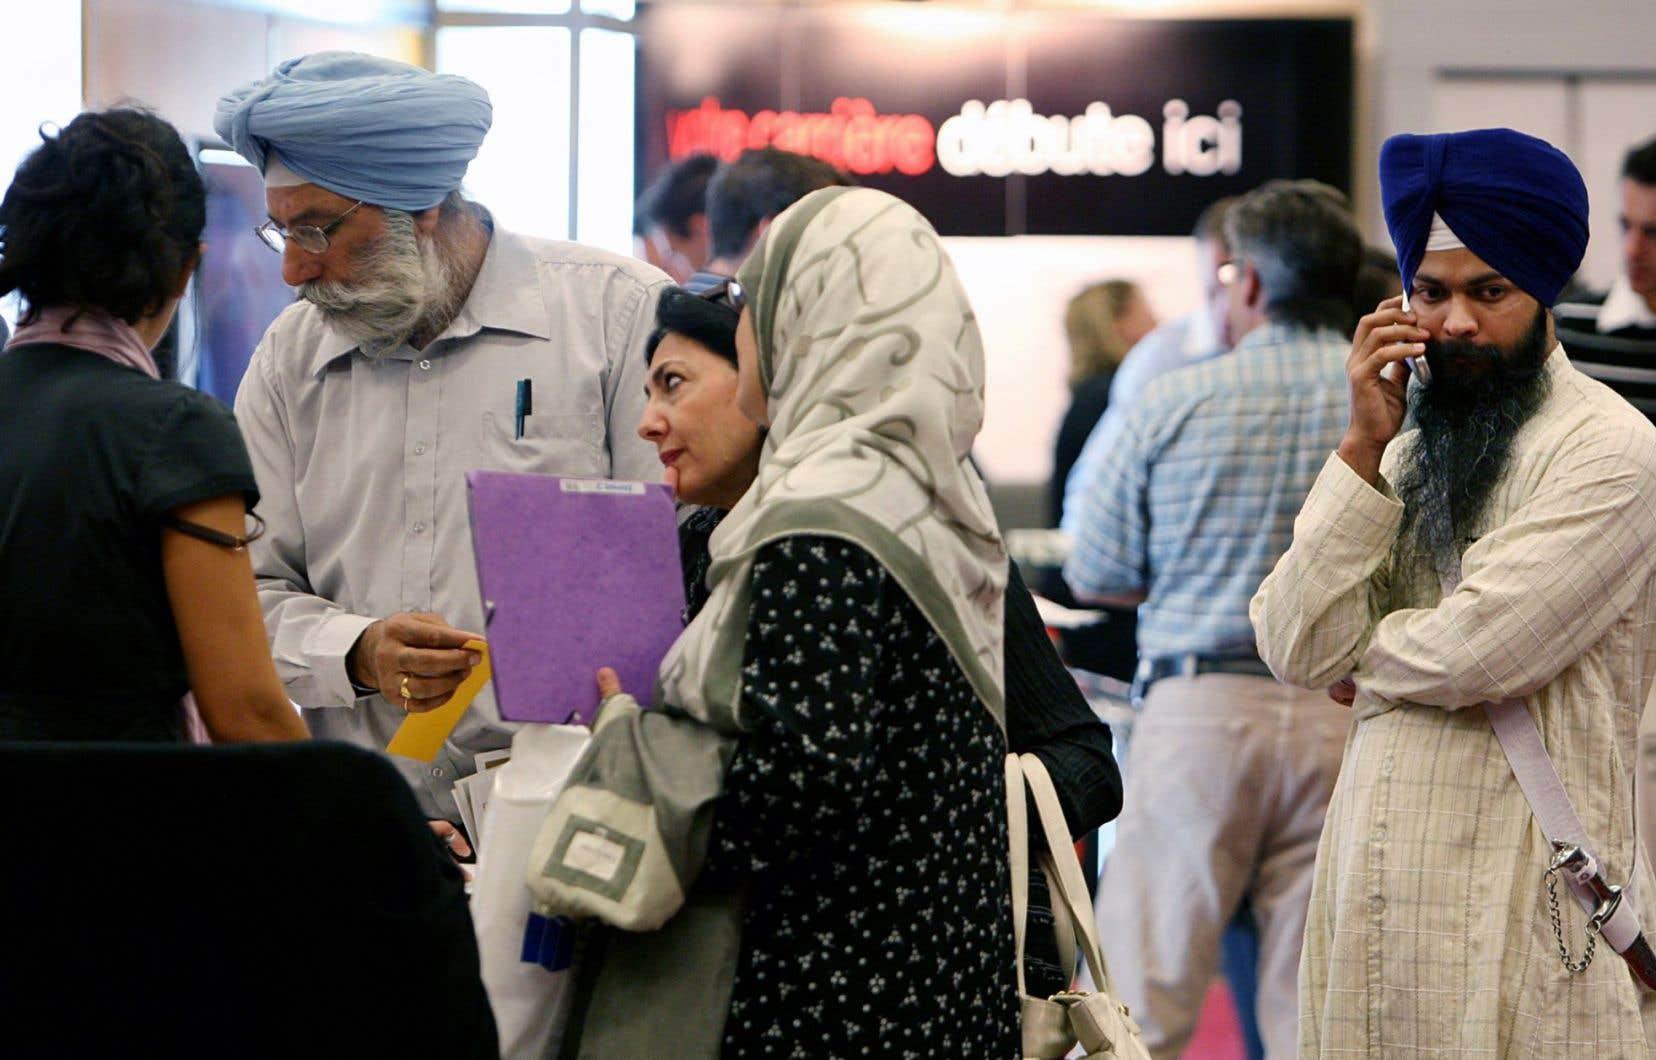 La catégorie des immigrants économiques représentera presque 65 % du total des admissions au Canada en 2015.